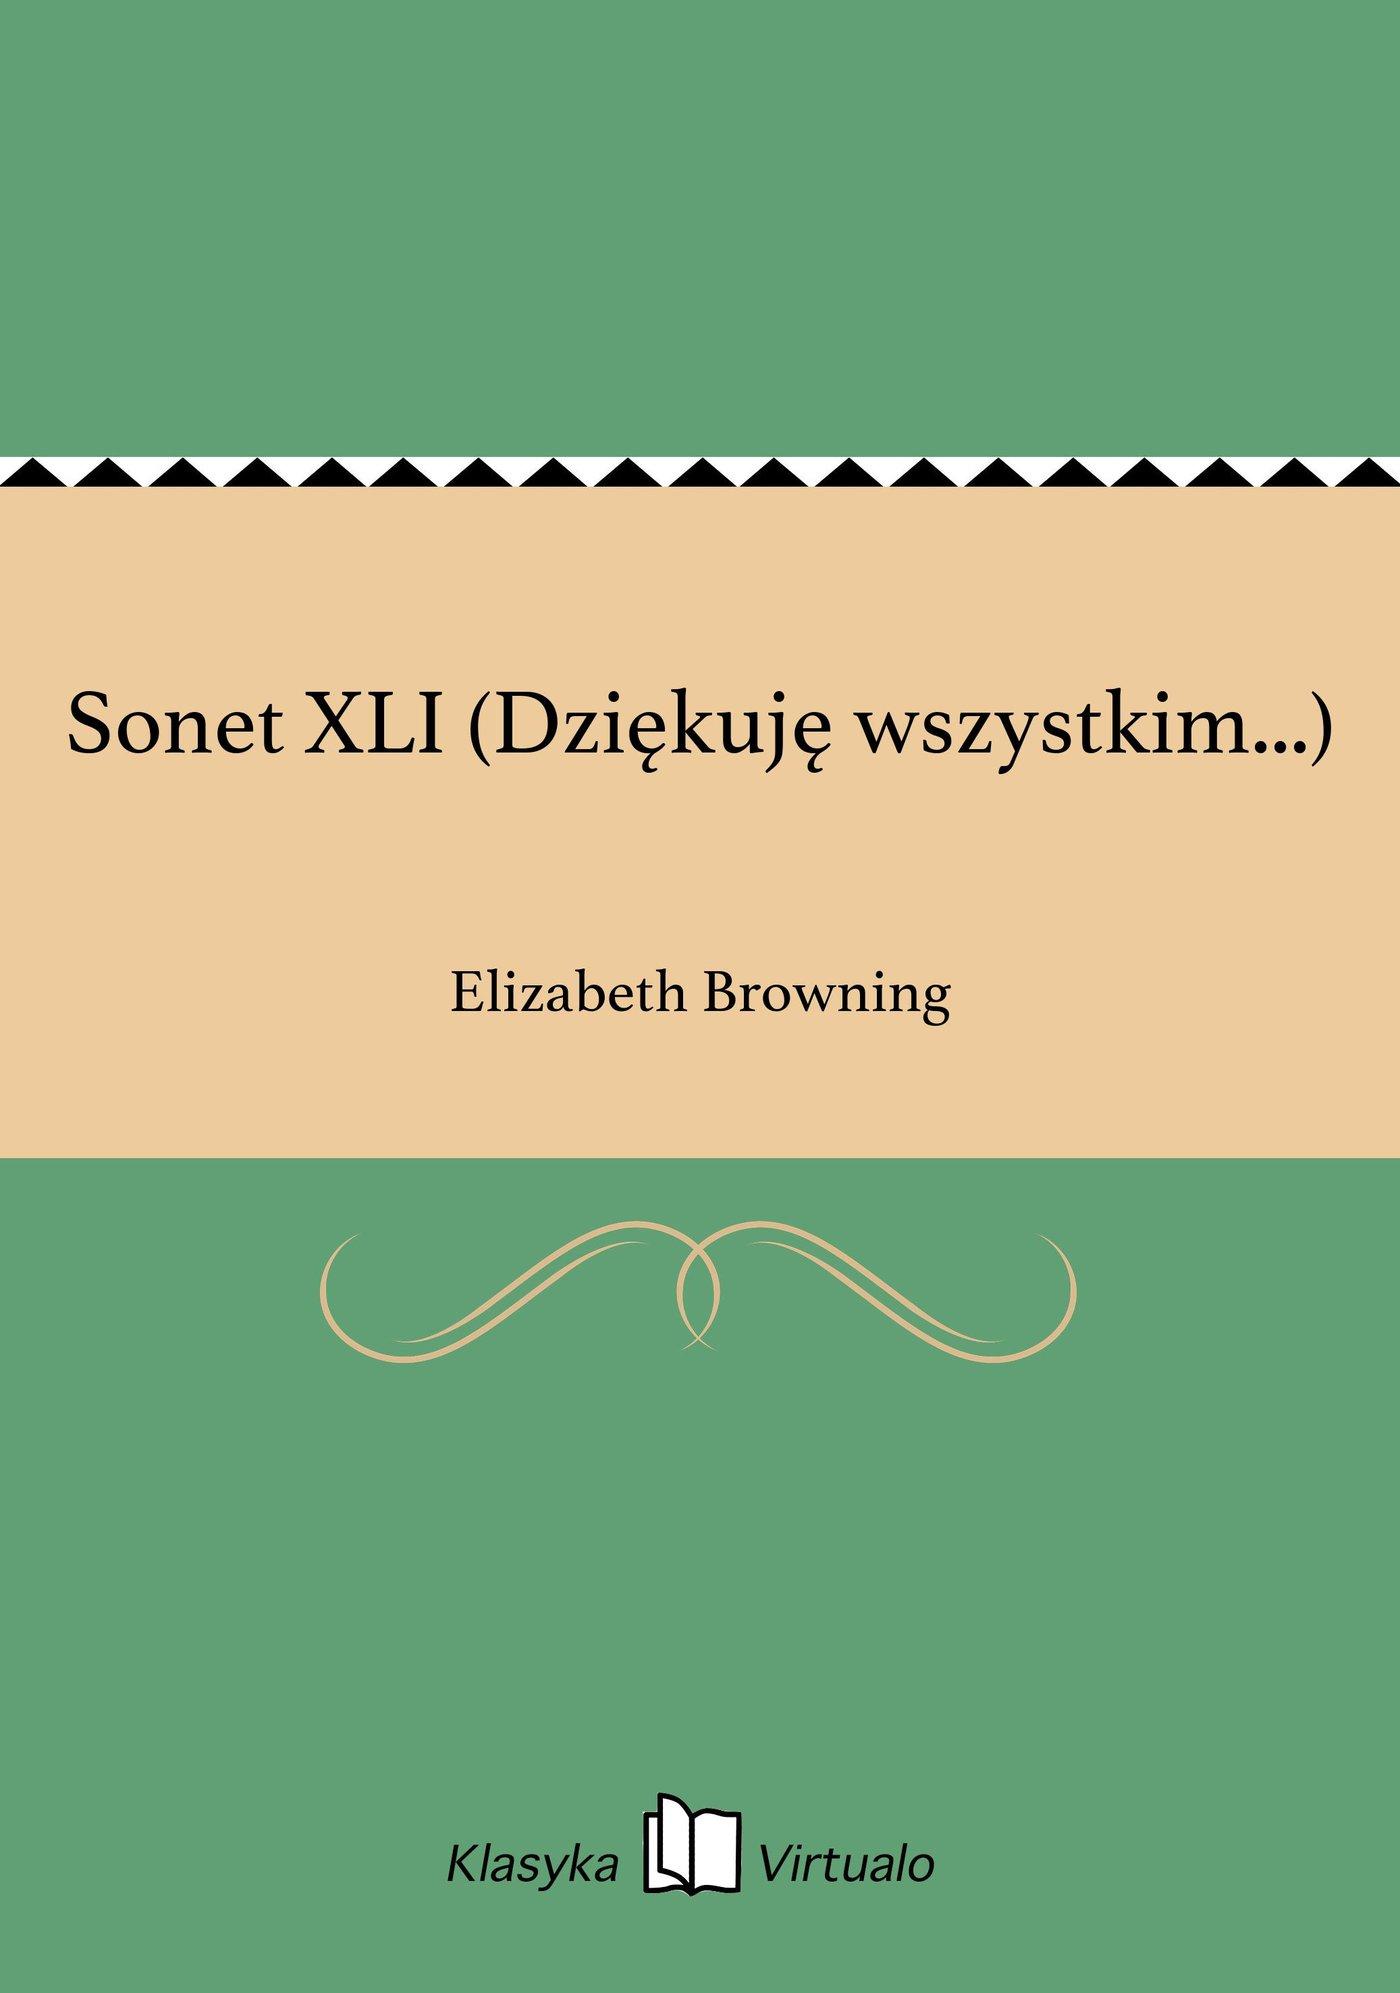 Sonet XLI (Dziękuję wszystkim...) - Ebook (Książka EPUB) do pobrania w formacie EPUB